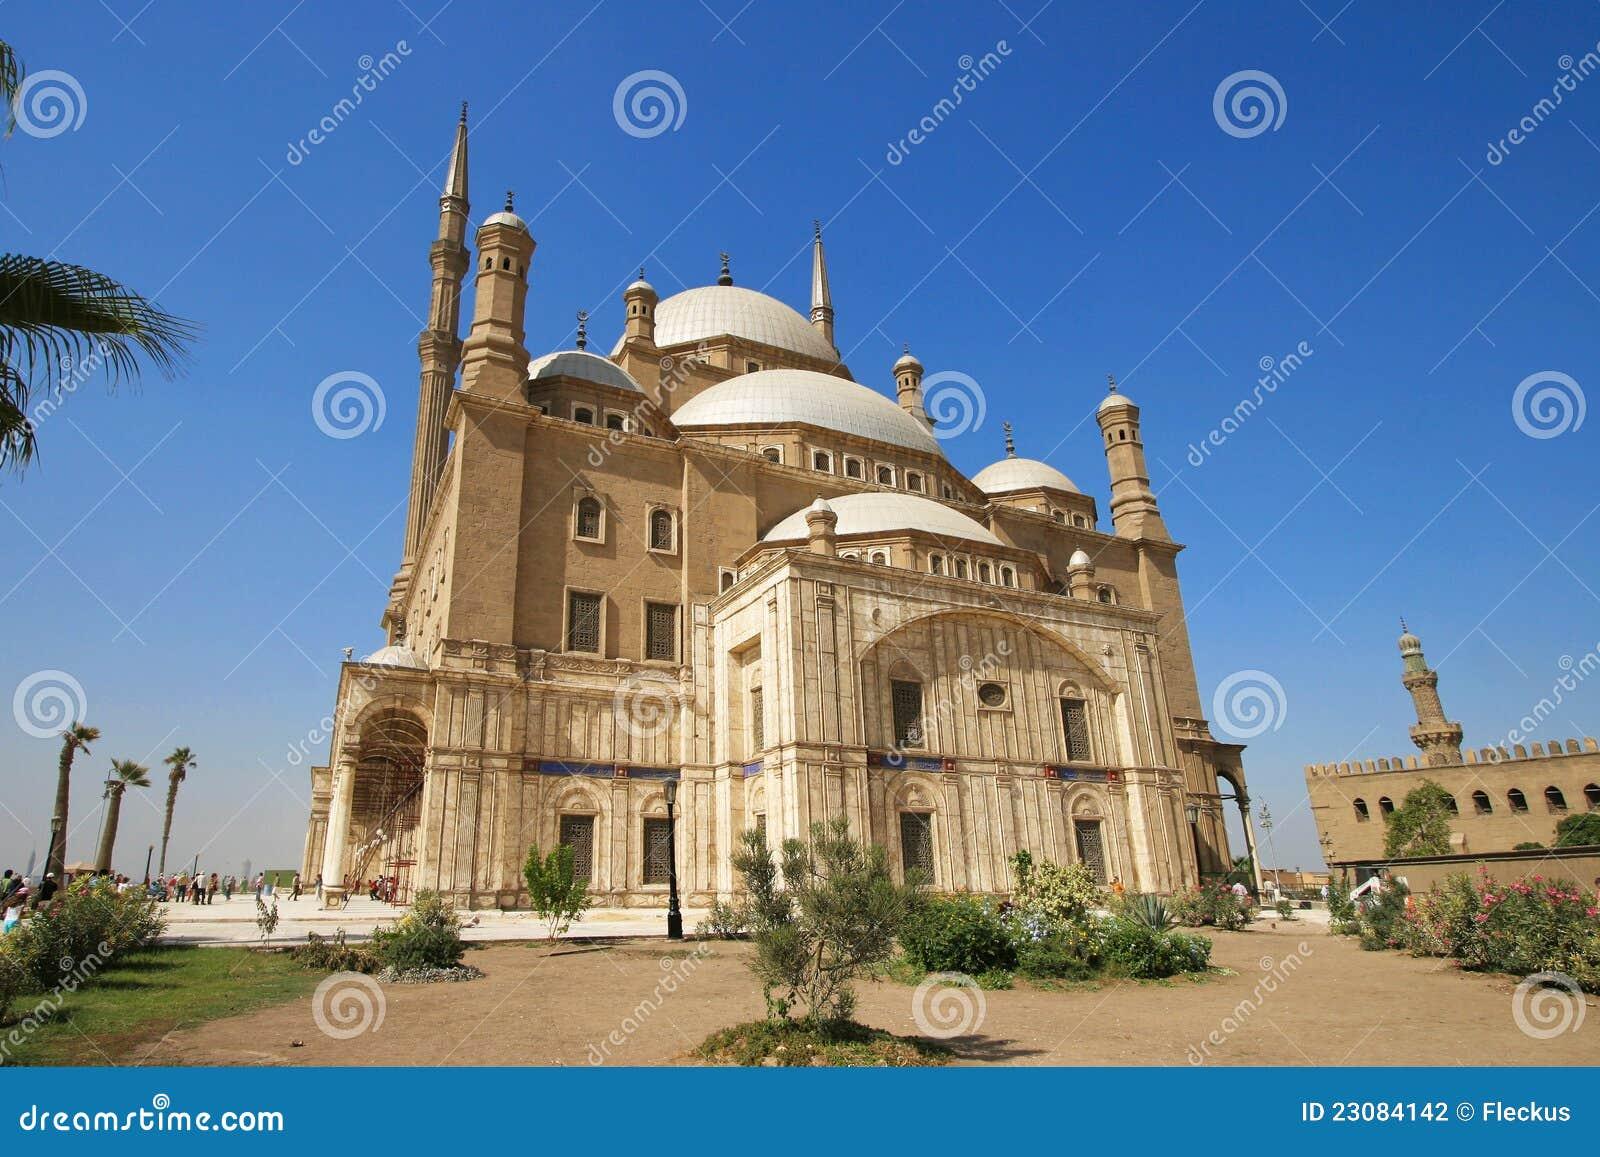 Mosquée de Mohammed Ali Basha, le Caire - Egypte